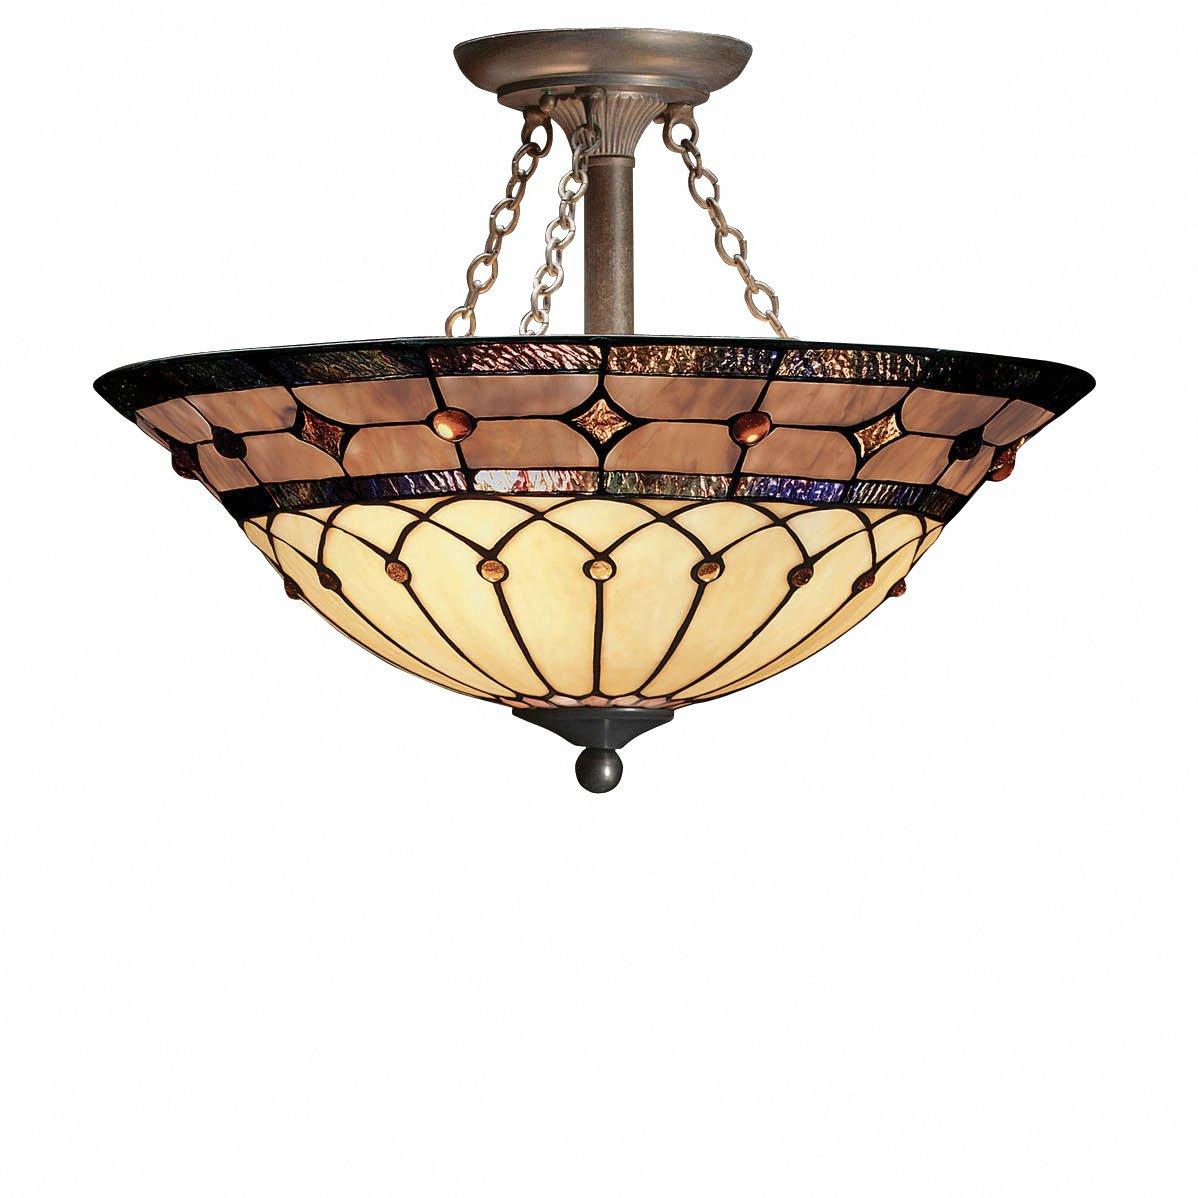 Kichler 69048 3 Light Dunsmuir Art Glass Semi Flush Ceiling Nouveau Bronze Finish Mount Fixtures Com